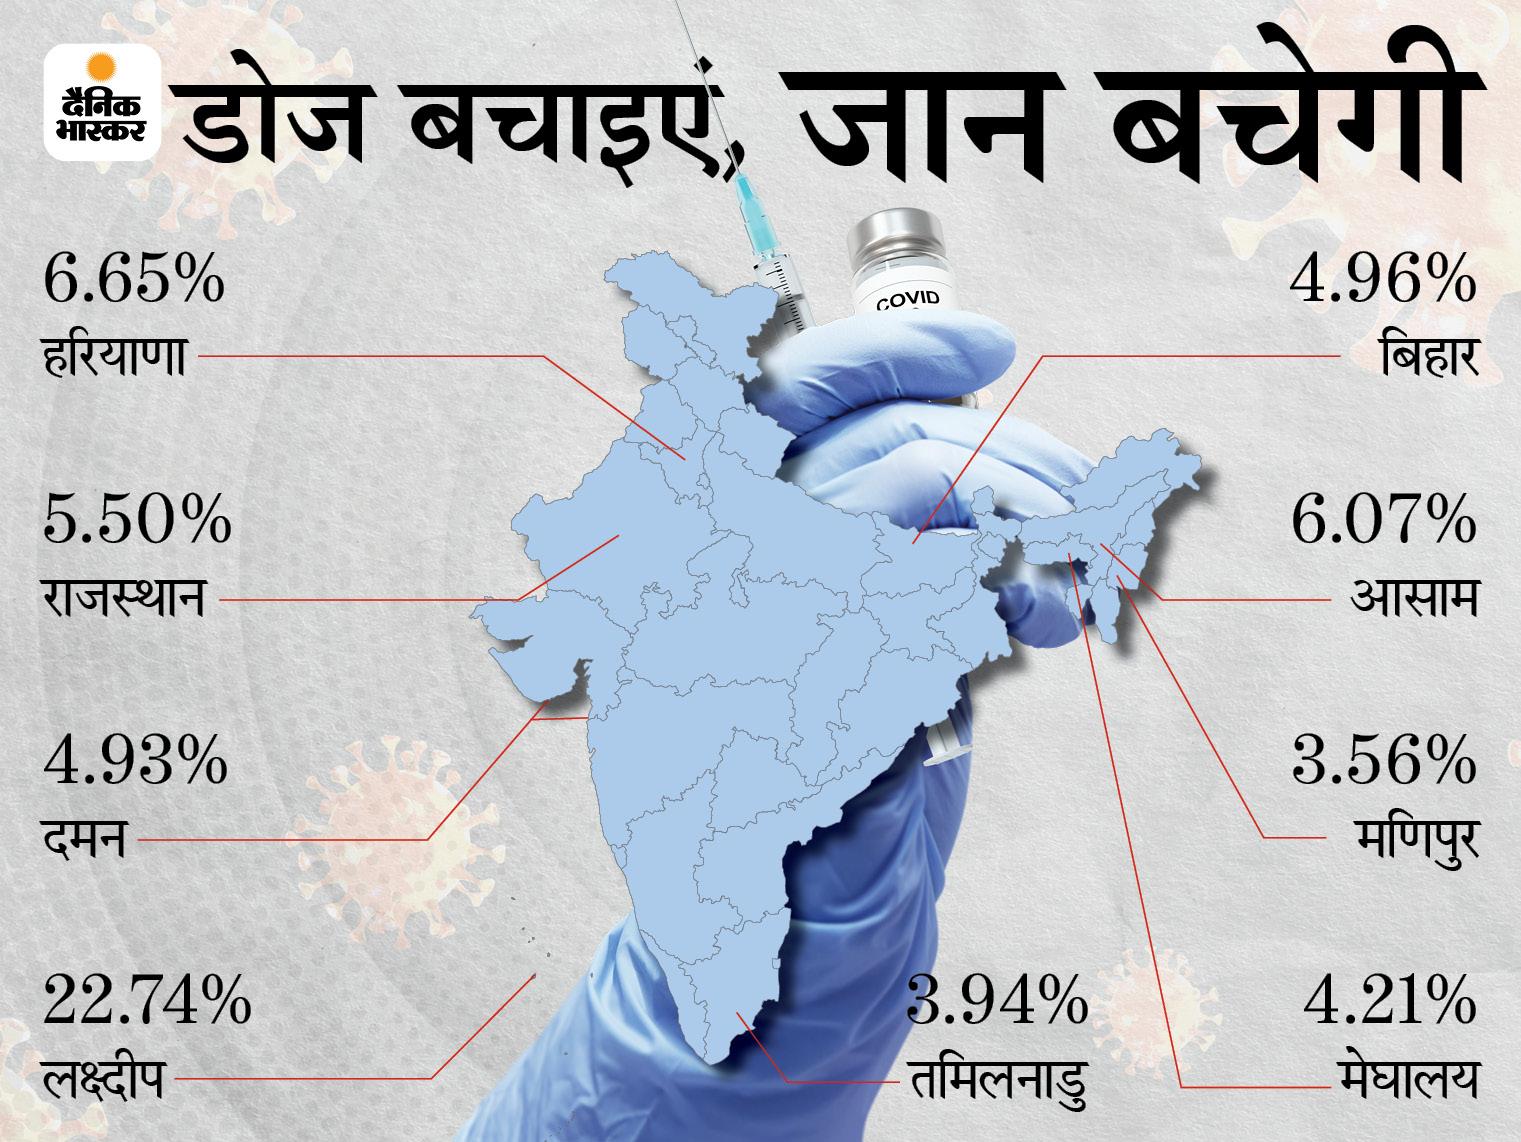 राज्य में हर 100 में से 5 डोज हो रही बर्बाद, देश के टॉप-10 राज्यों में 6वें नंबर पर हैं हम; मणिपुर, तमिलनाडु और मेघालय से आगे|बिहार,Bihar - Dainik Bhaskar